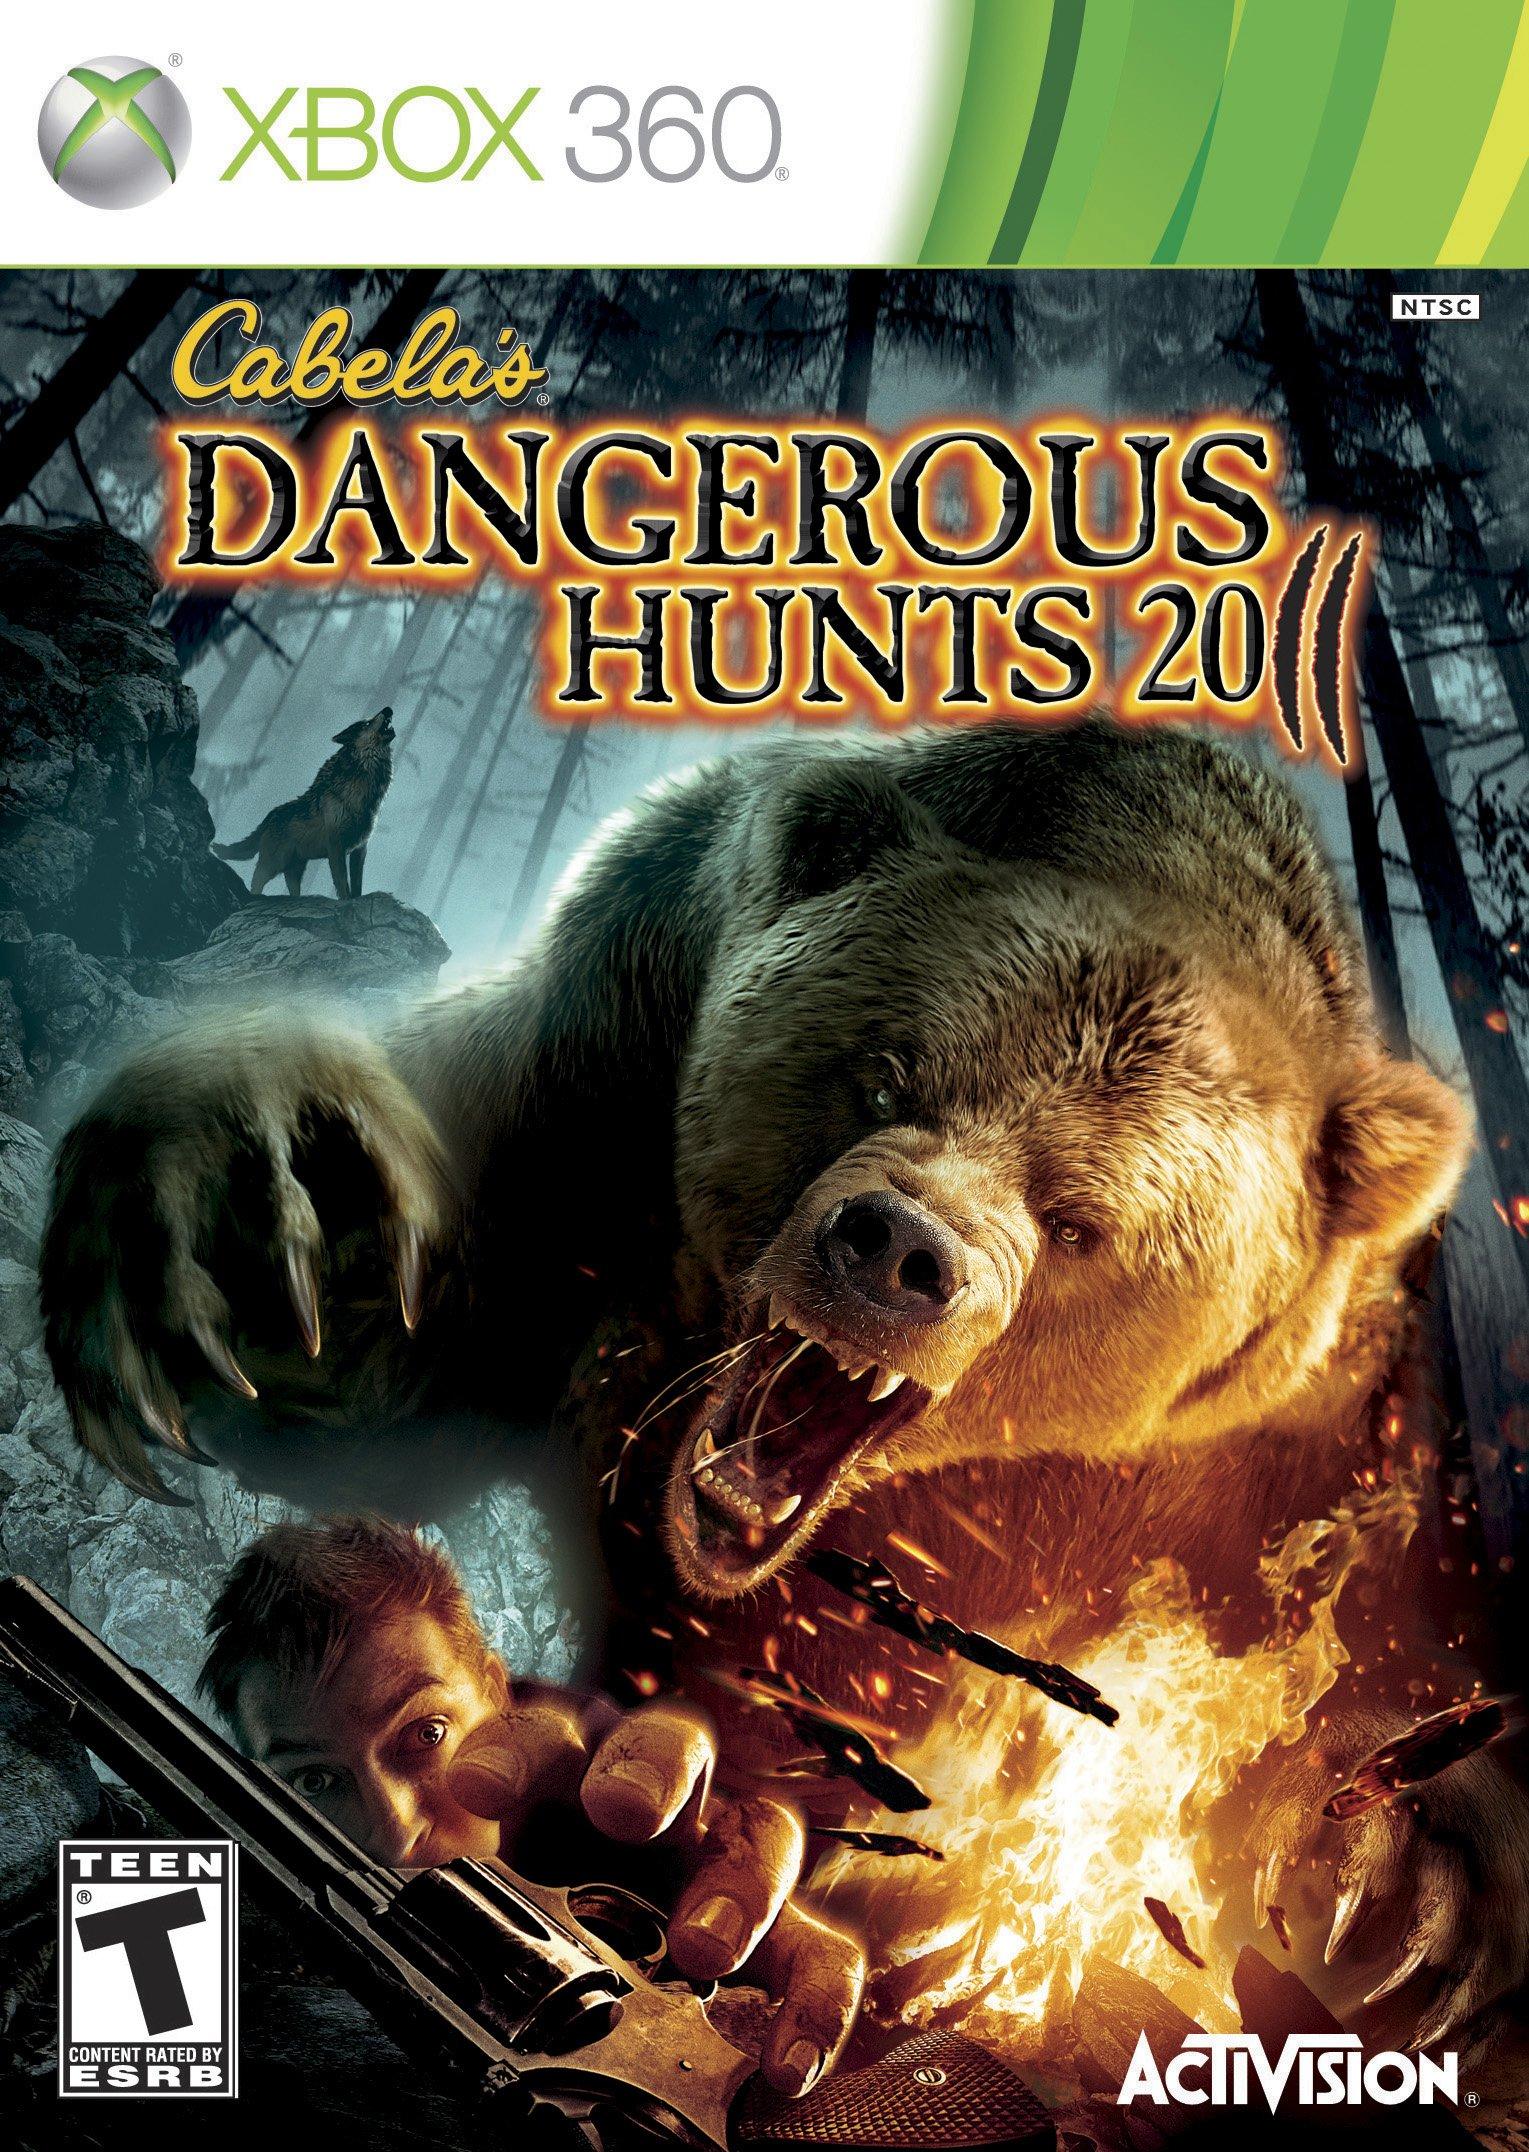 Activision Cabelas Dangerous Hunts 2011, Xbox 360 - Juego (Xbox 360): Amazon.es: Videojuegos